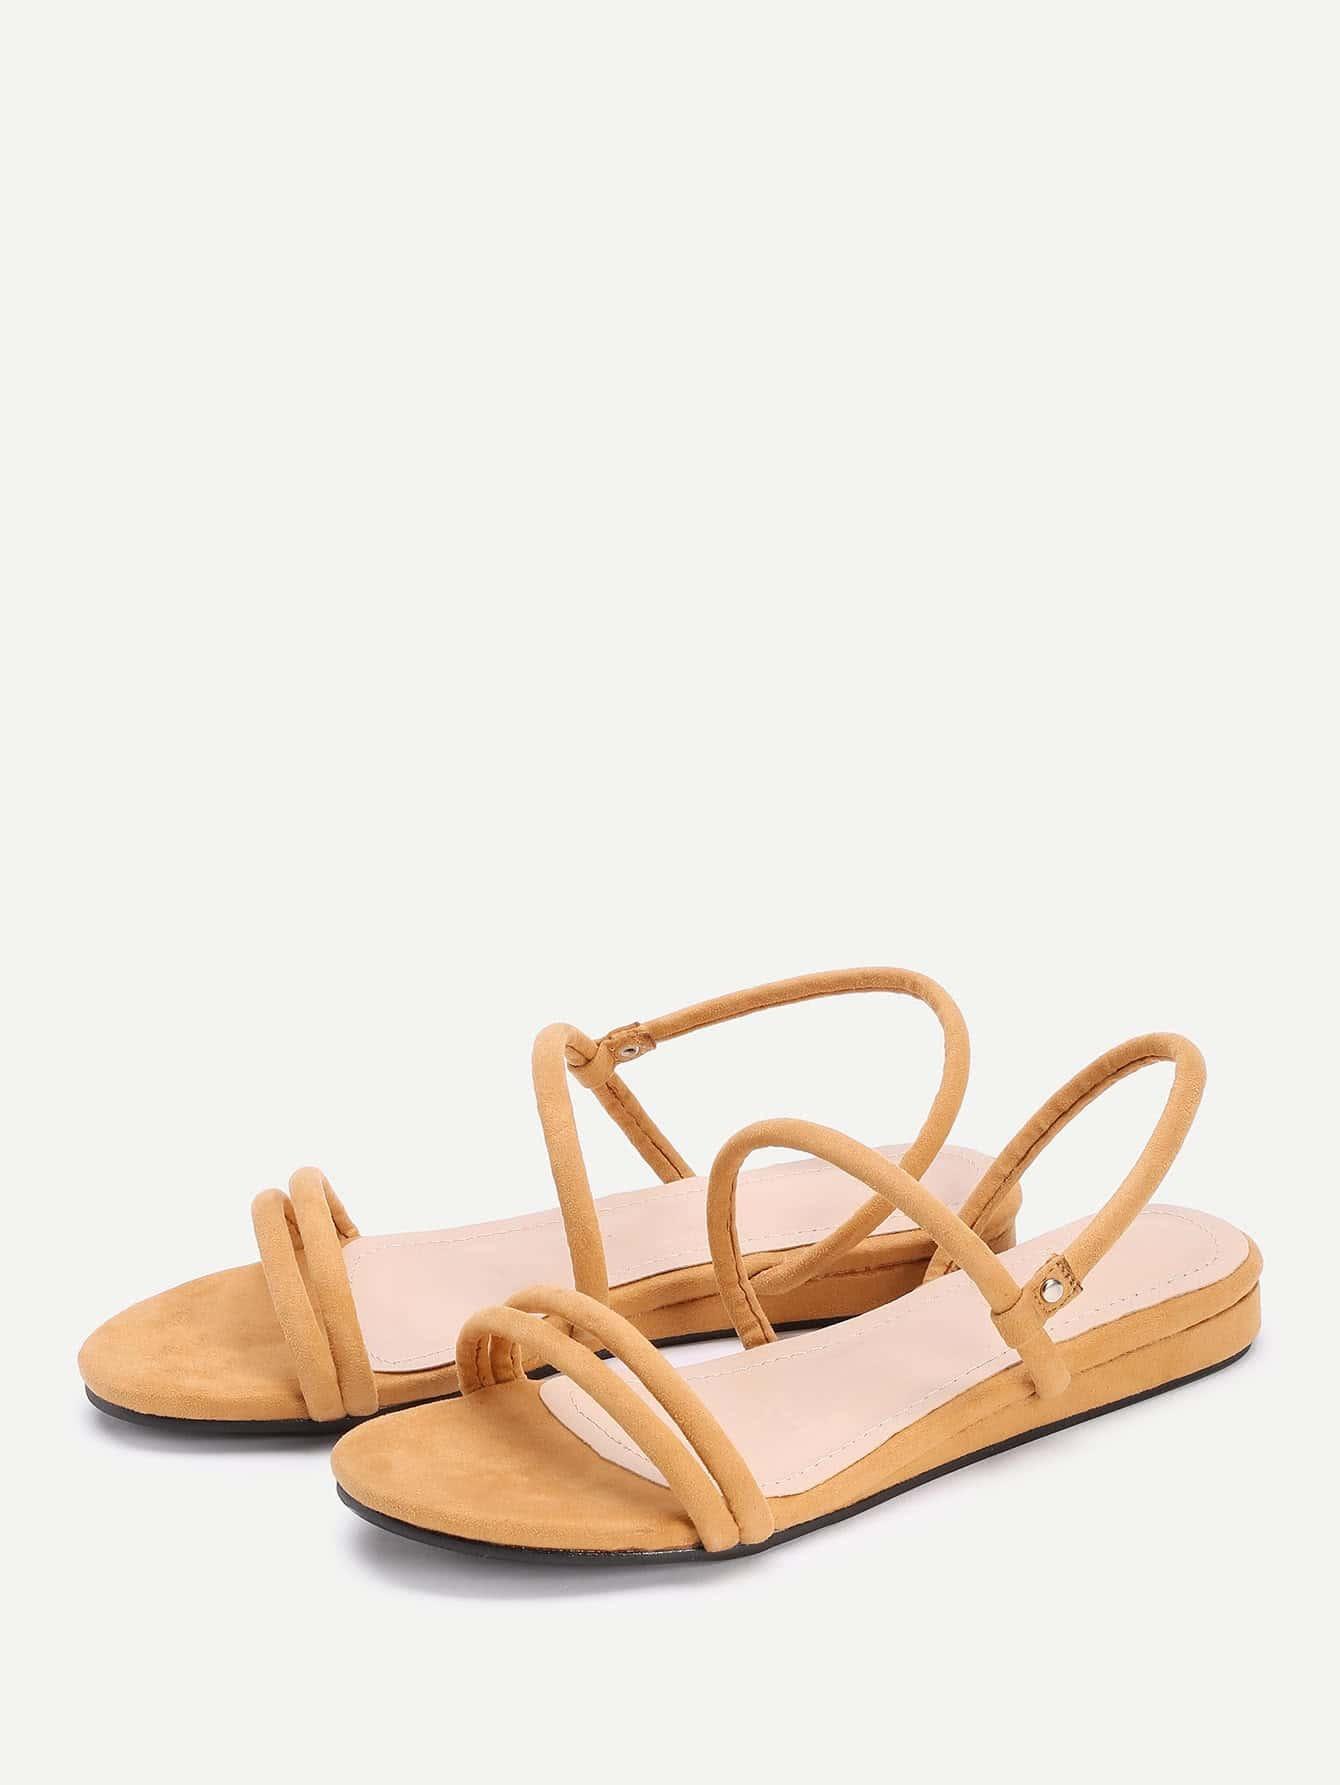 shoes170519802_2